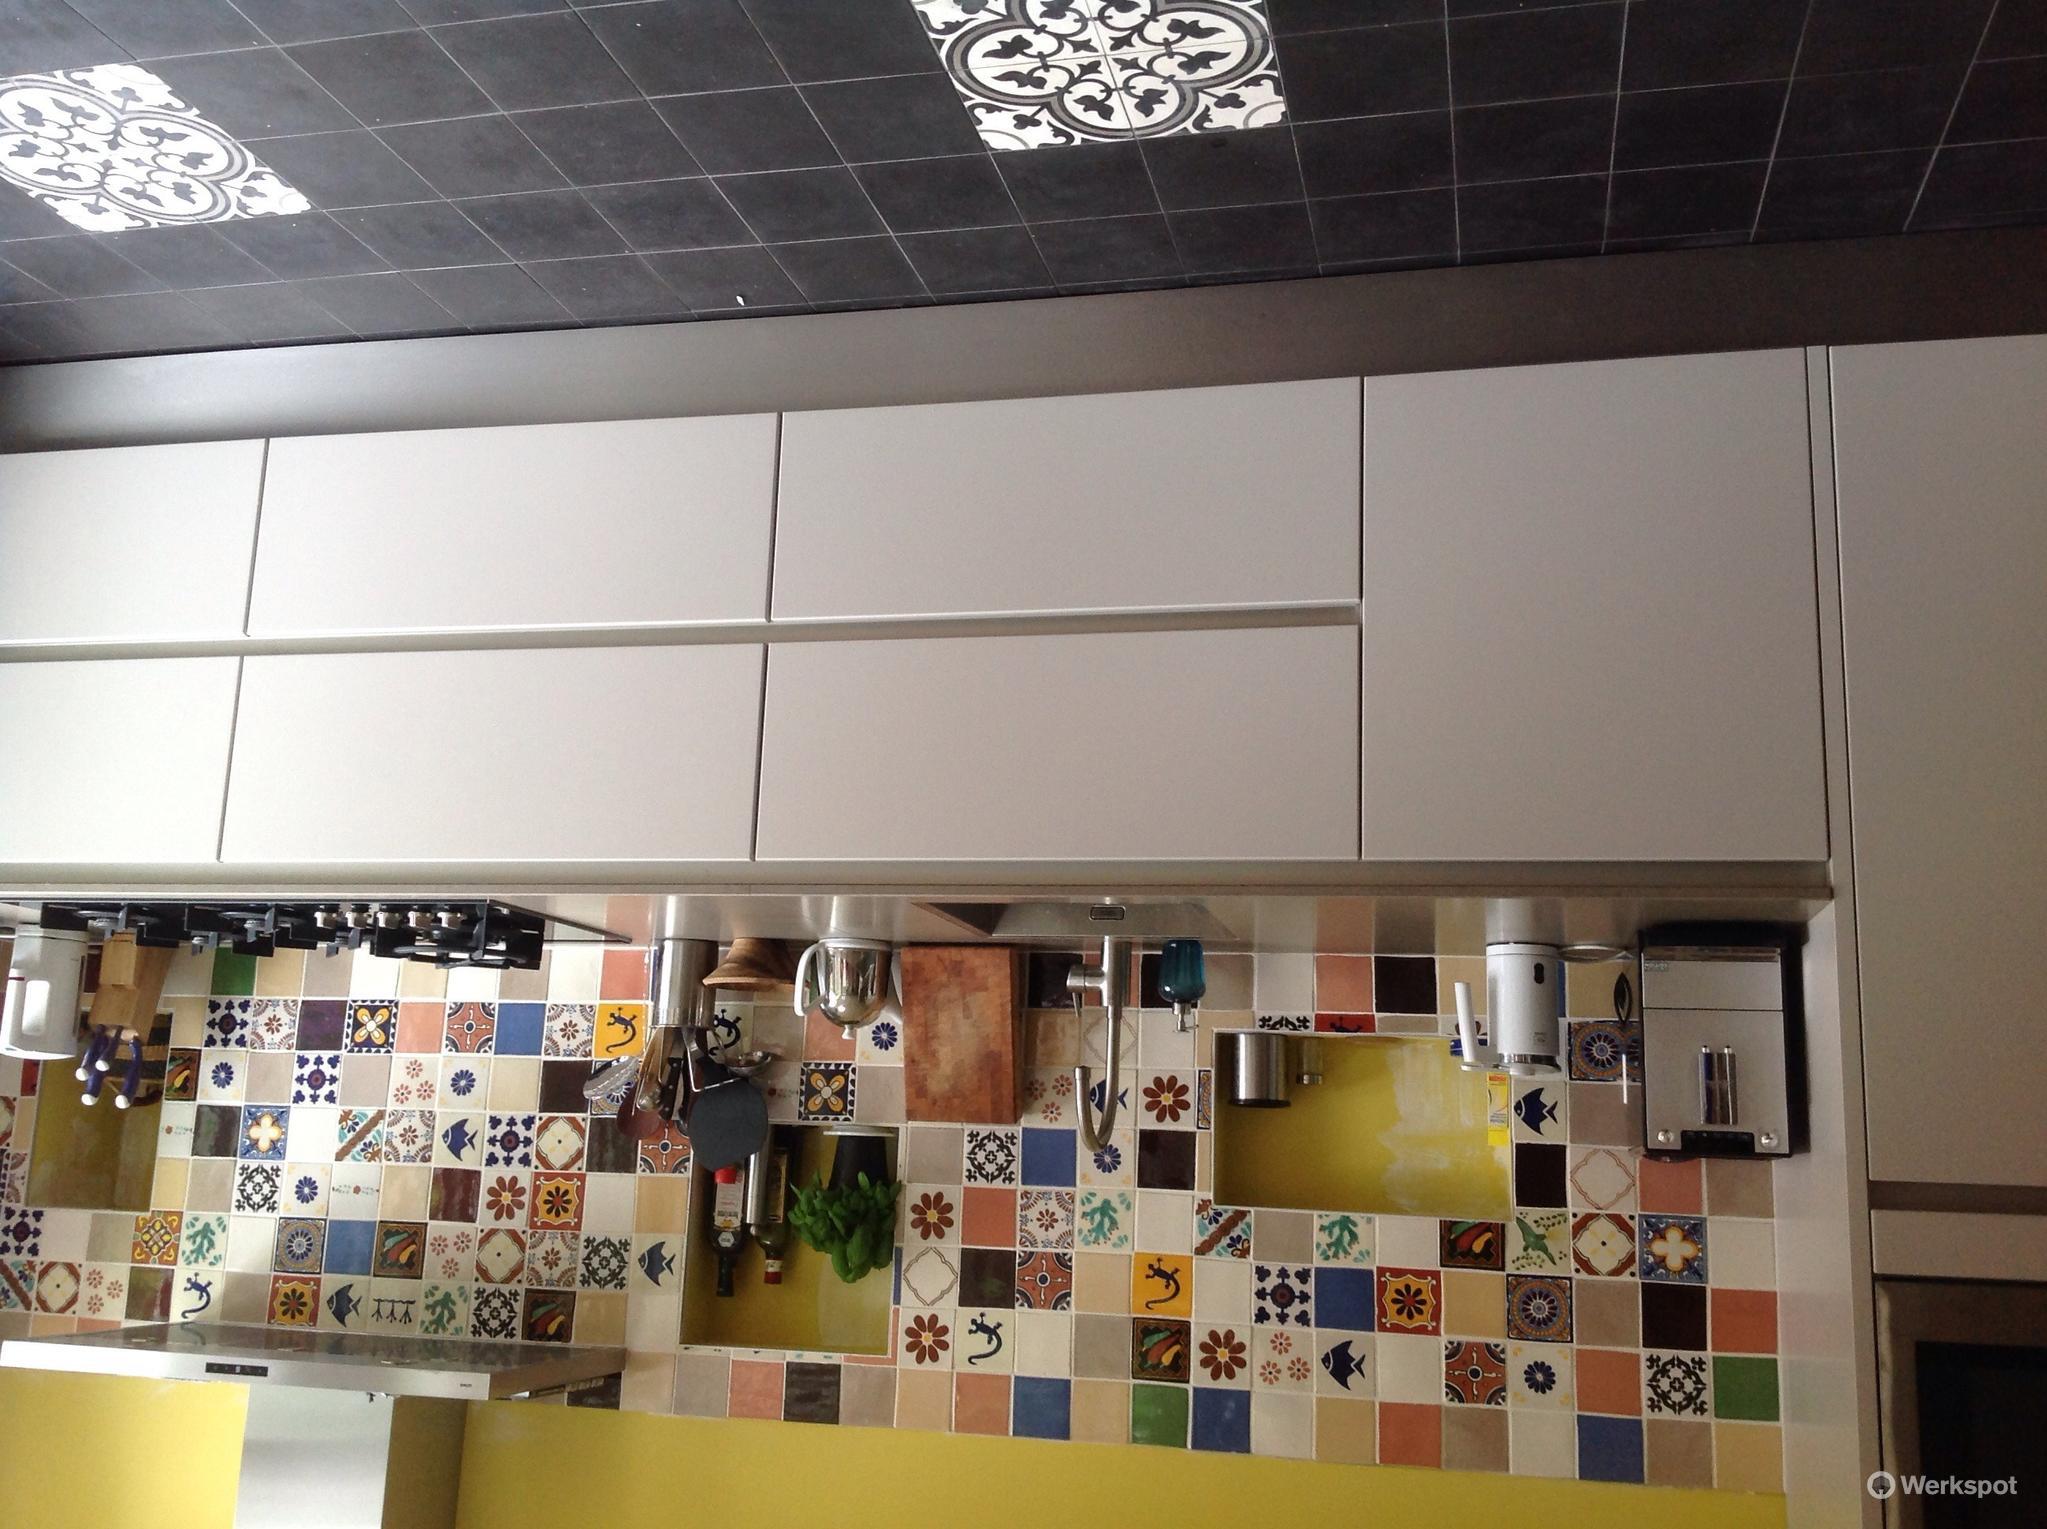 Hangemaakte mexicaanse tegels zetten in keuken en portugese vloer